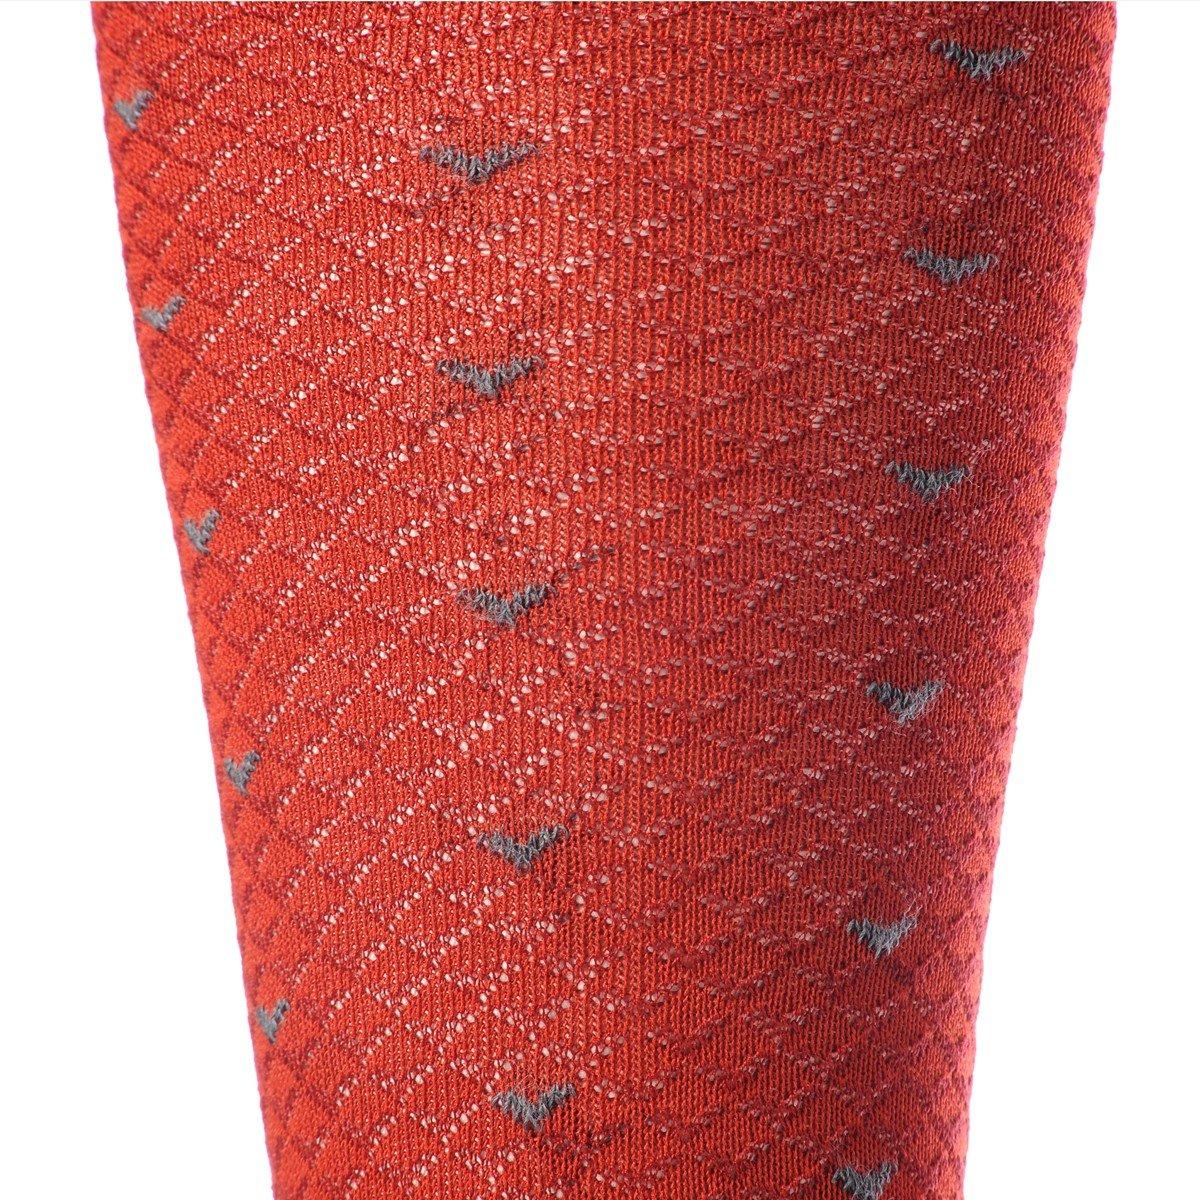 Gambaletto Gallo da Uomo color sangue - dettaglio fantasia